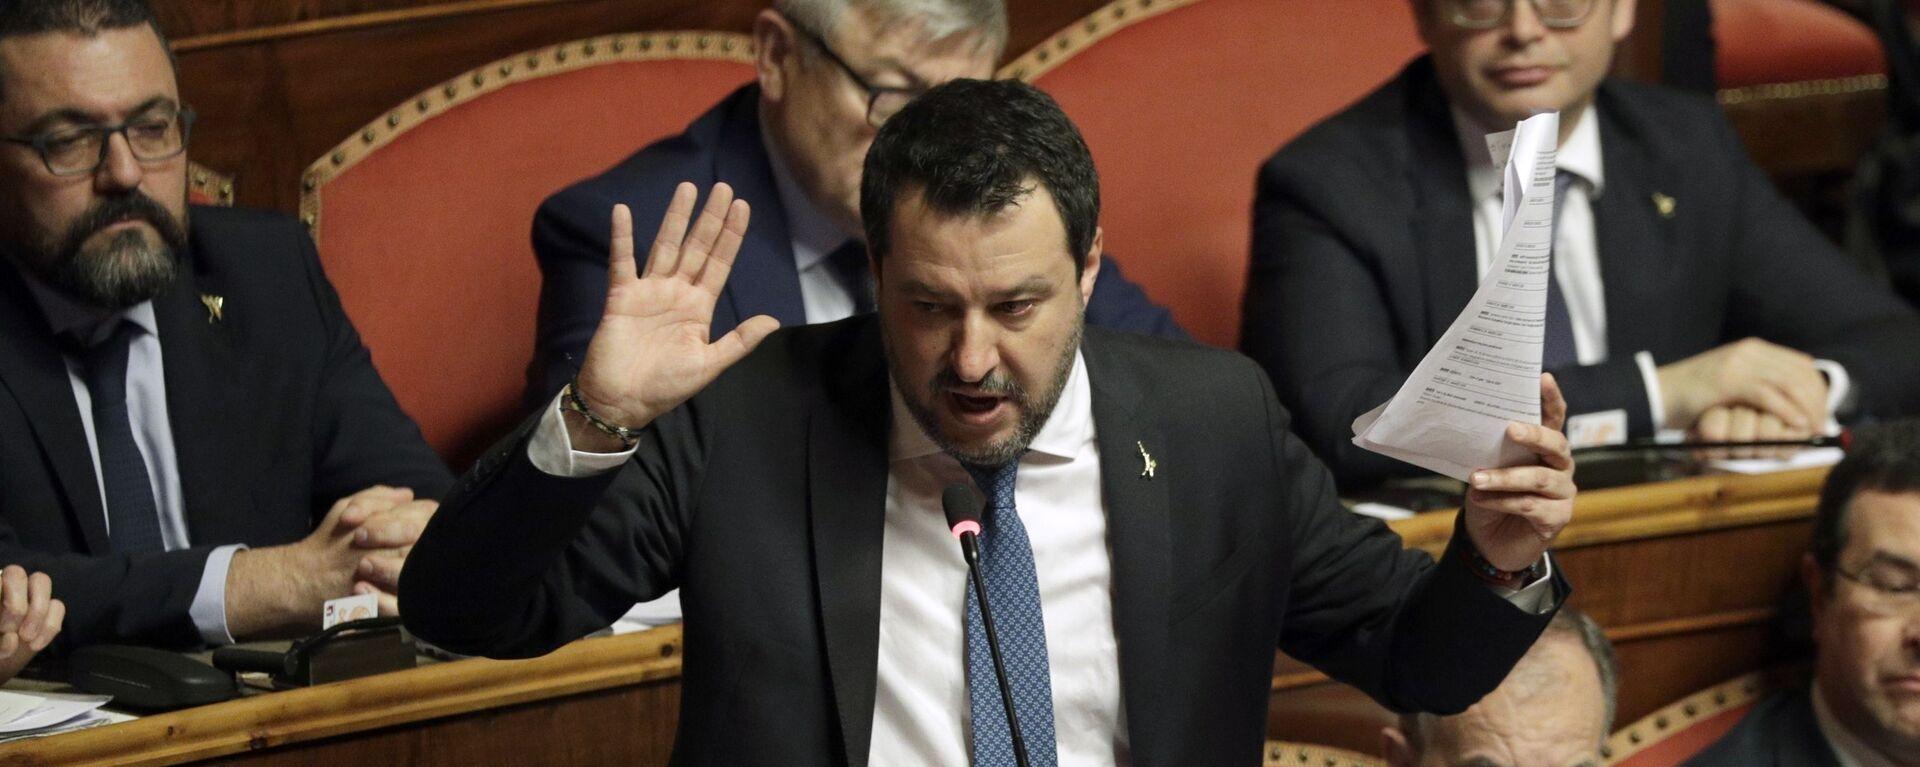 Matteo Salvini  - Sputnik Italia, 1920, 24.07.2021